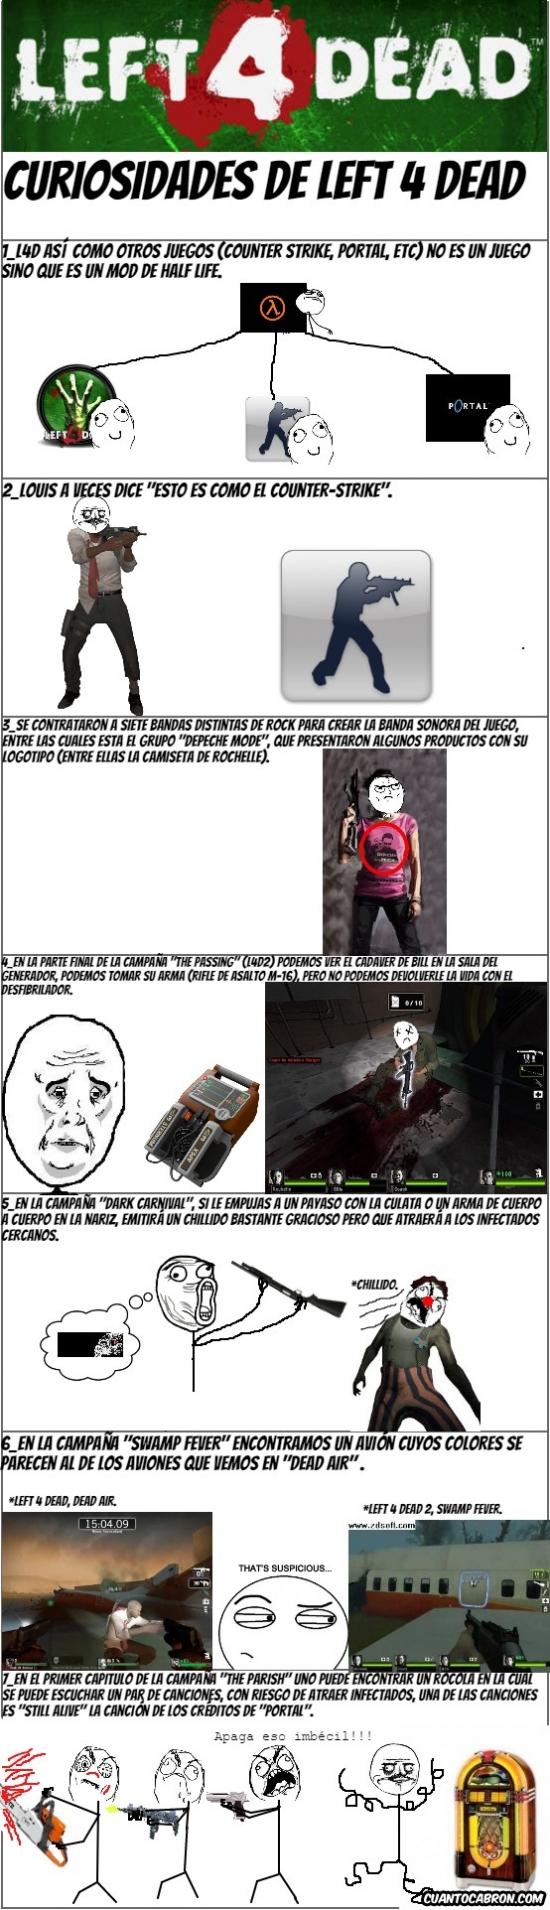 Friki - Siete curiosidades de Left 4 Dead que quizás no sabías.